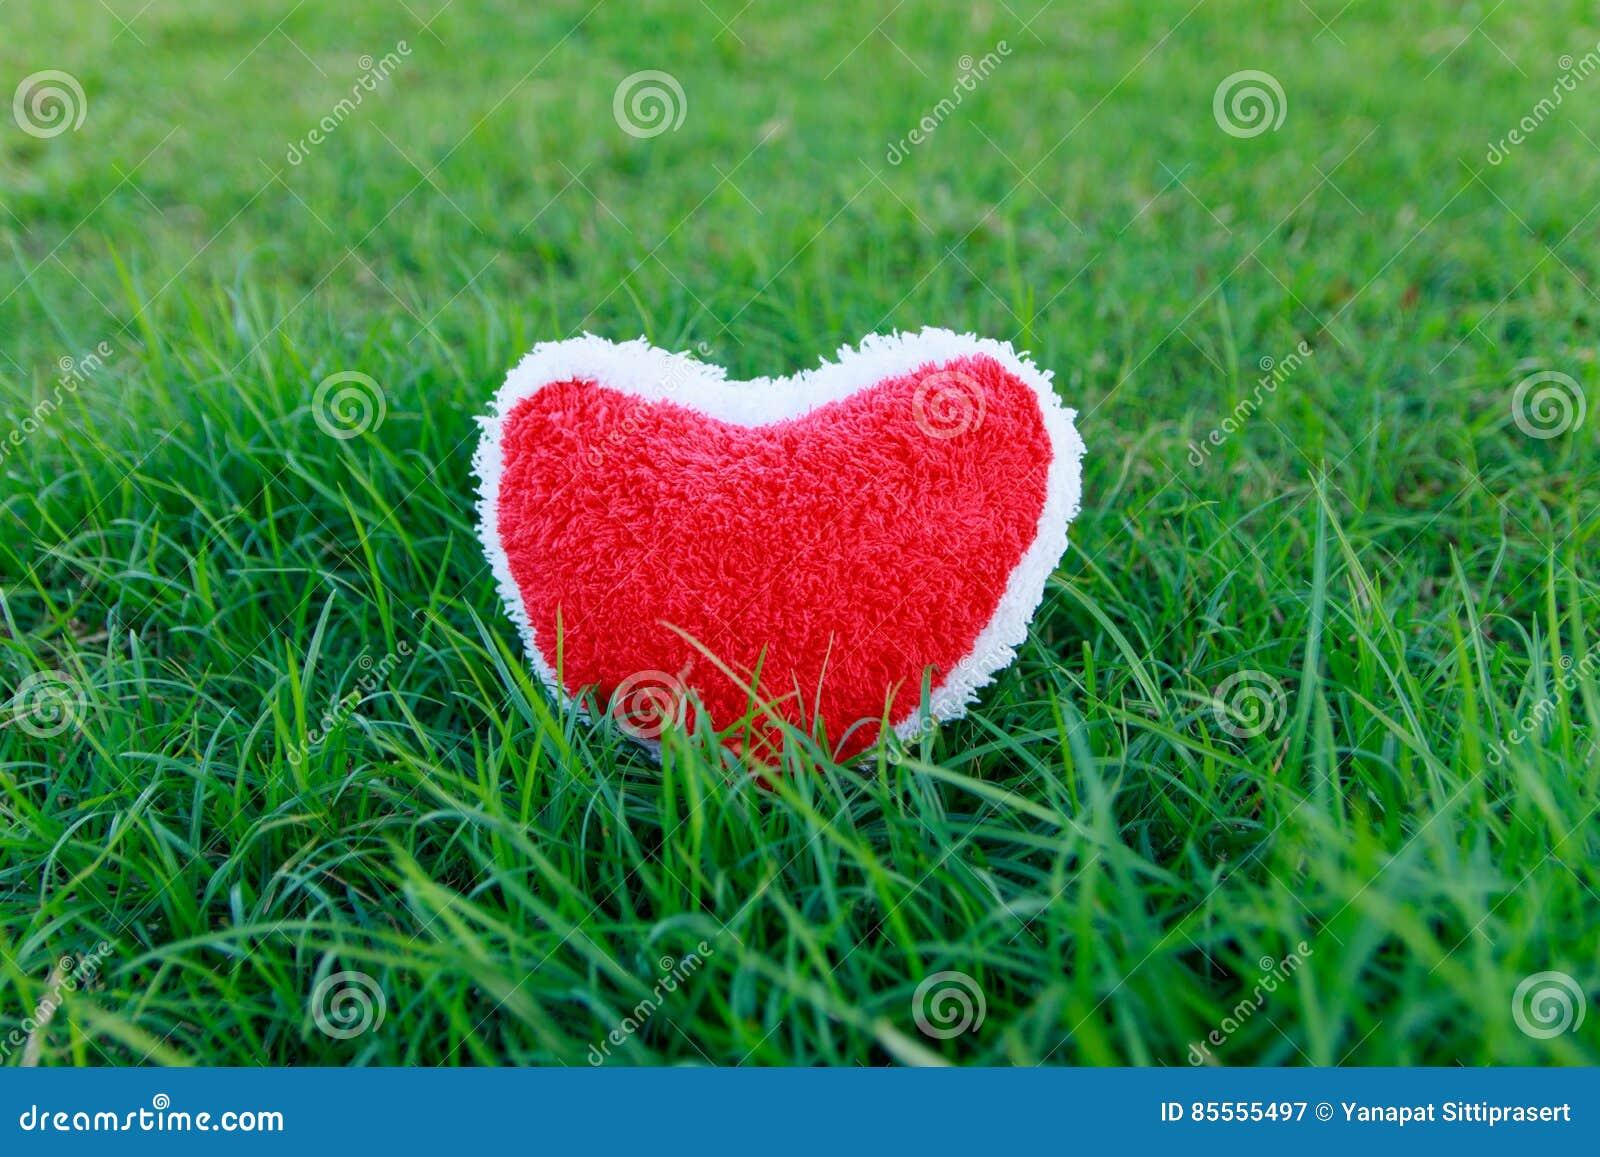 Rotes Herz auf Gras